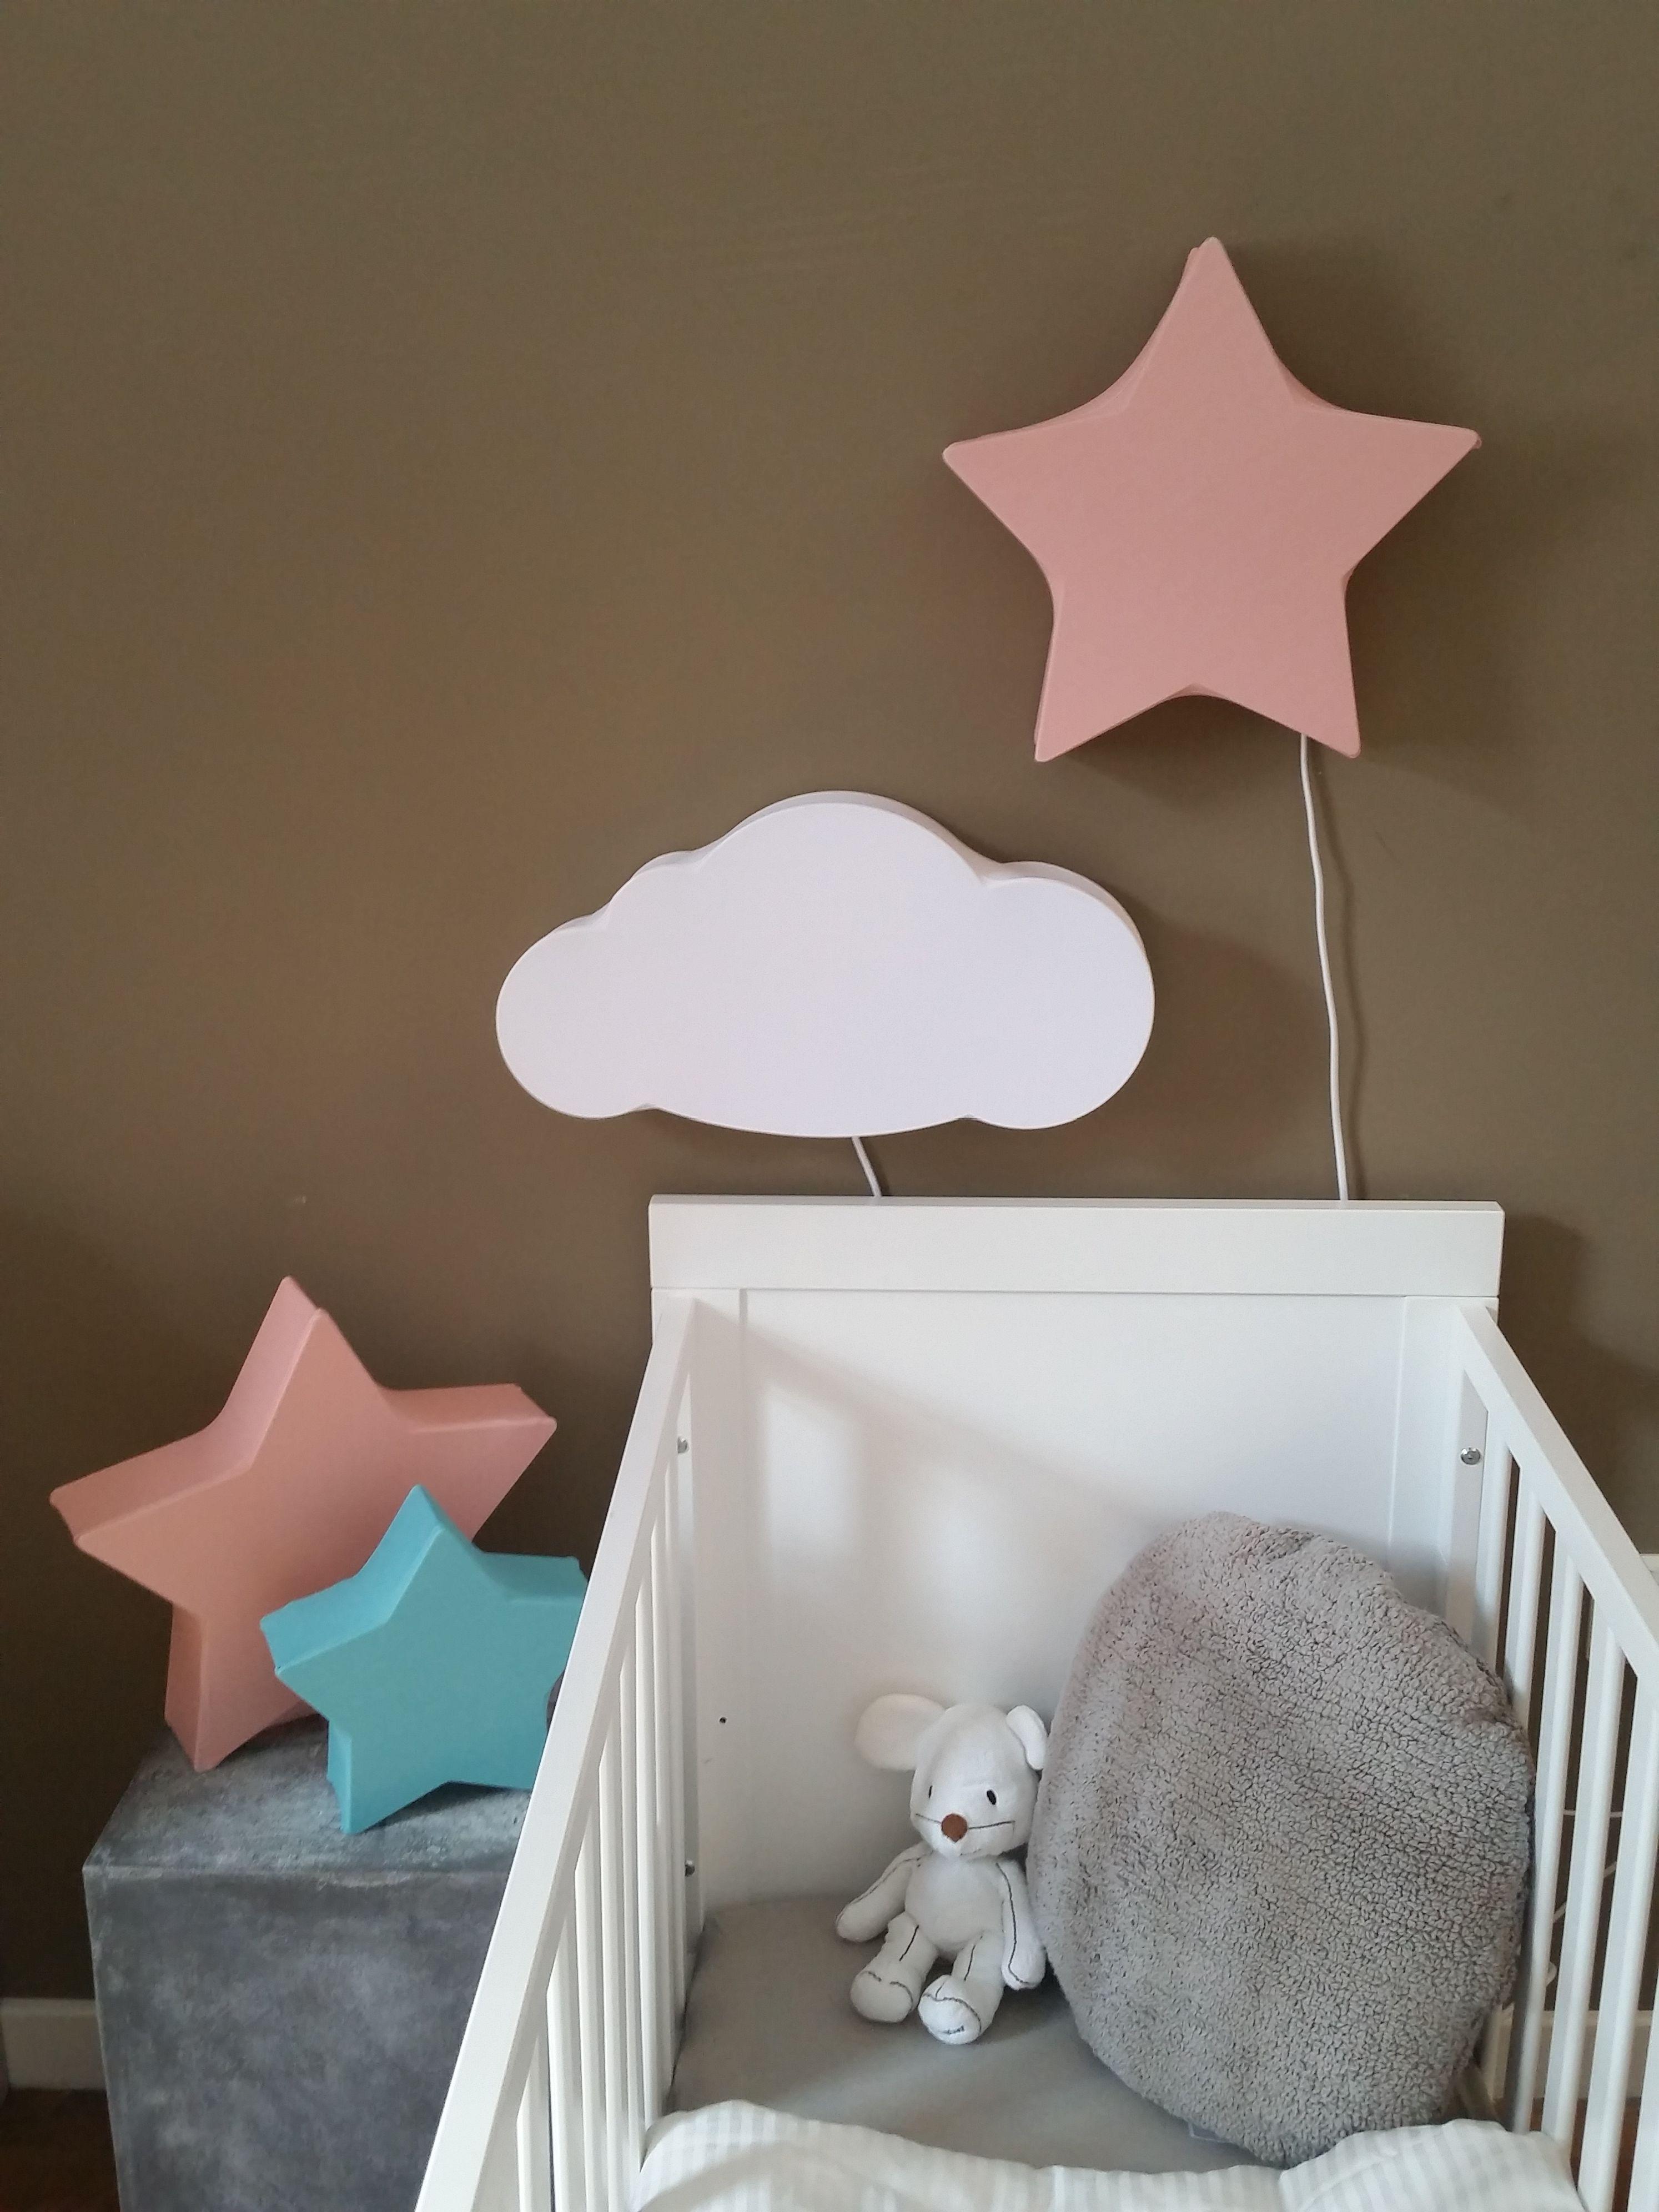 Babyzimmer deckenlampe ~ Www.noonos.com #lamp babykamer #light #lampe #decoratie